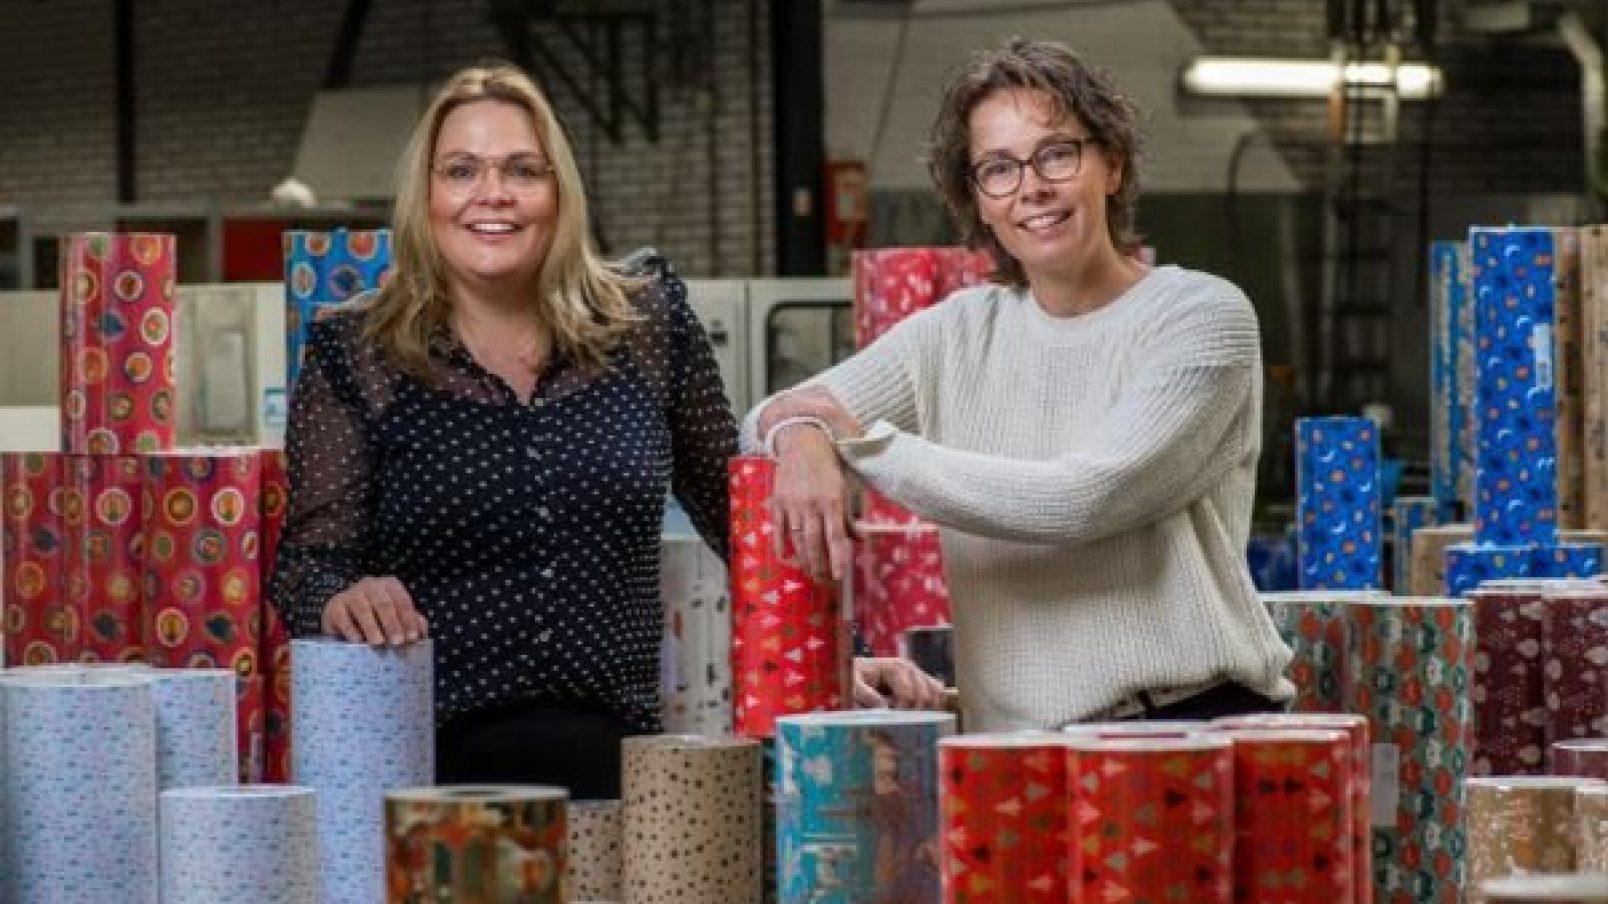 Kaleidoscope Gift-Wrap en Keijzer Papier bundelen de krachten